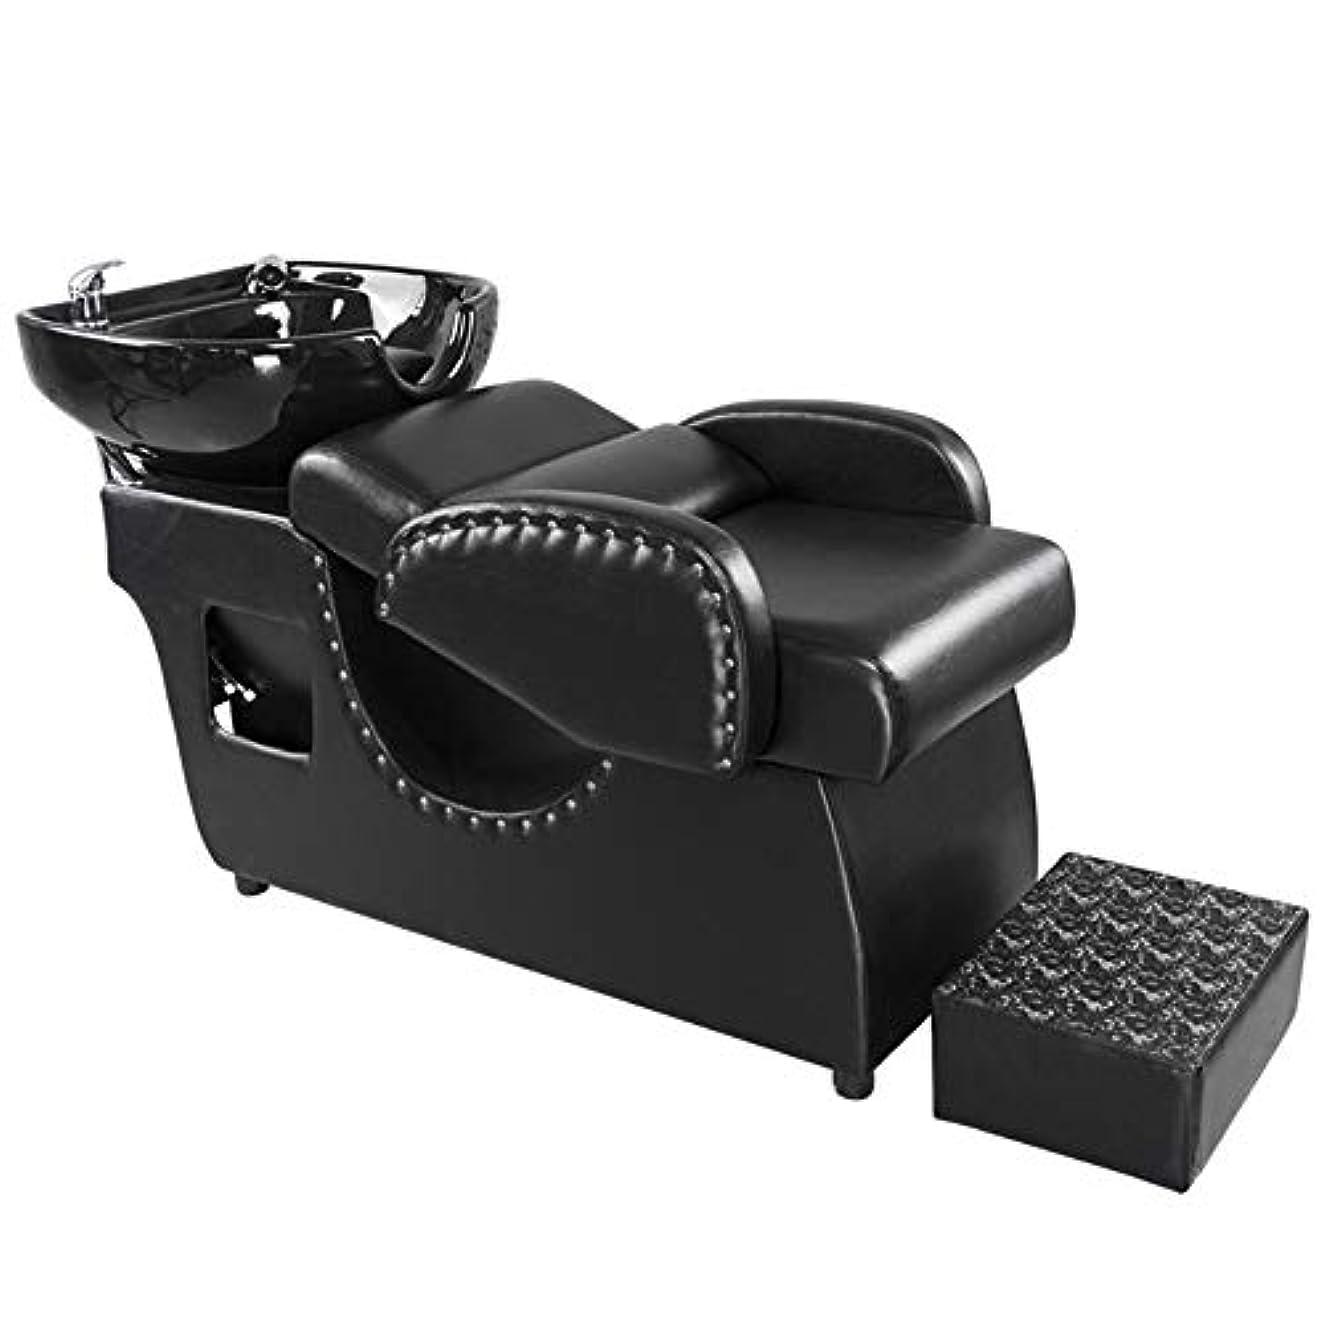 思いやりマスク生理シャンプーの理髪師の逆洗の椅子、鉱泉の美容院のためのベッドを洗う陶磁器の洗面器の流しの流しの椅子